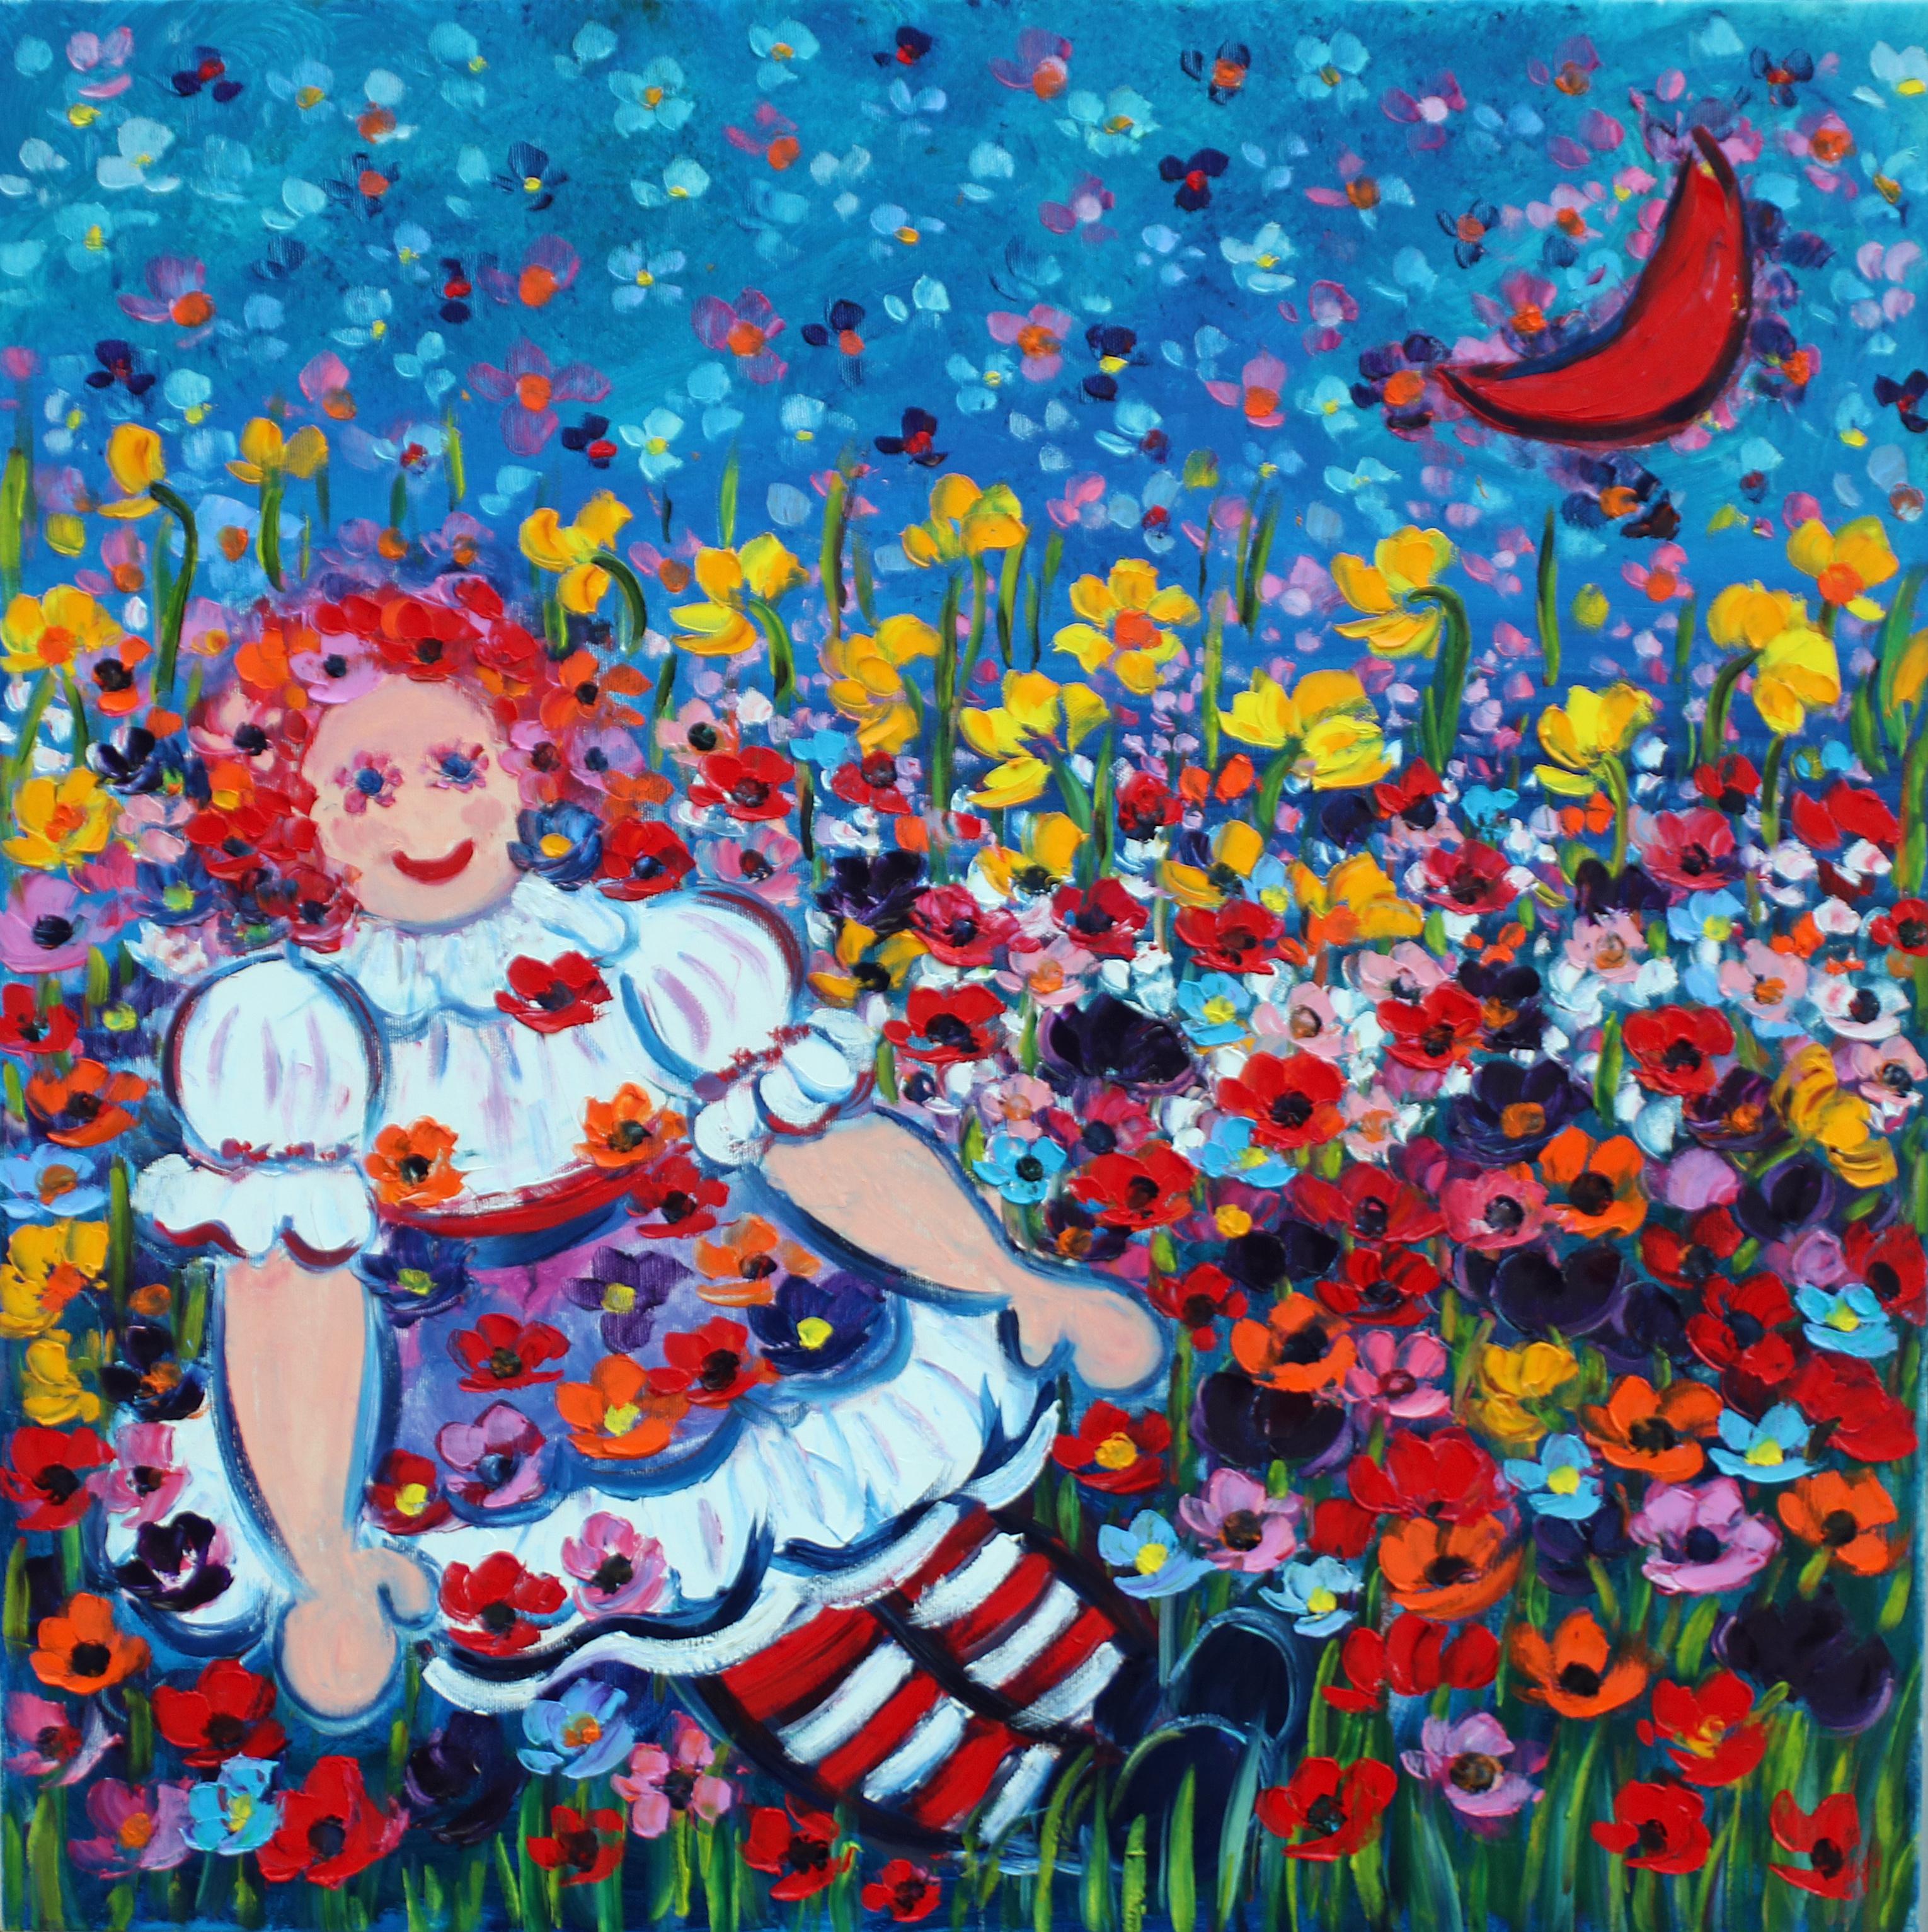 Rif. 0427 - Bambolina con luna rossa